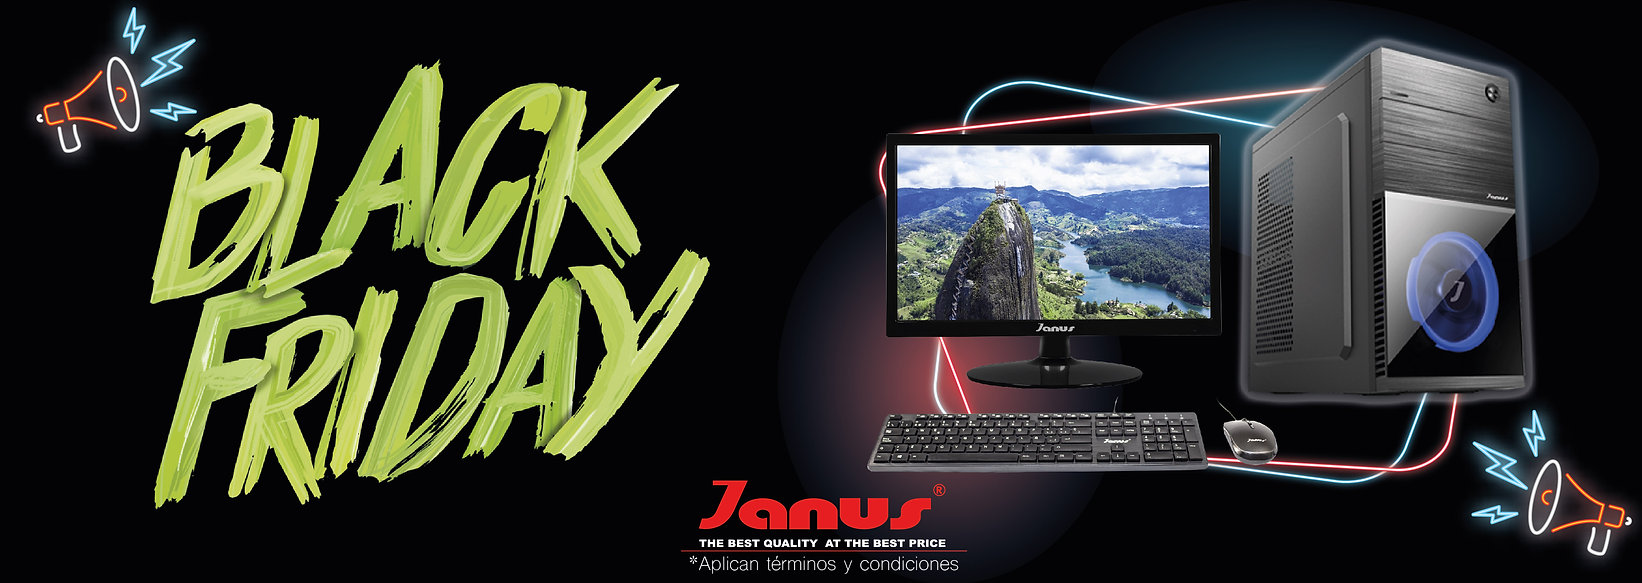 banner blackfriday janus_Mesa de trabajo